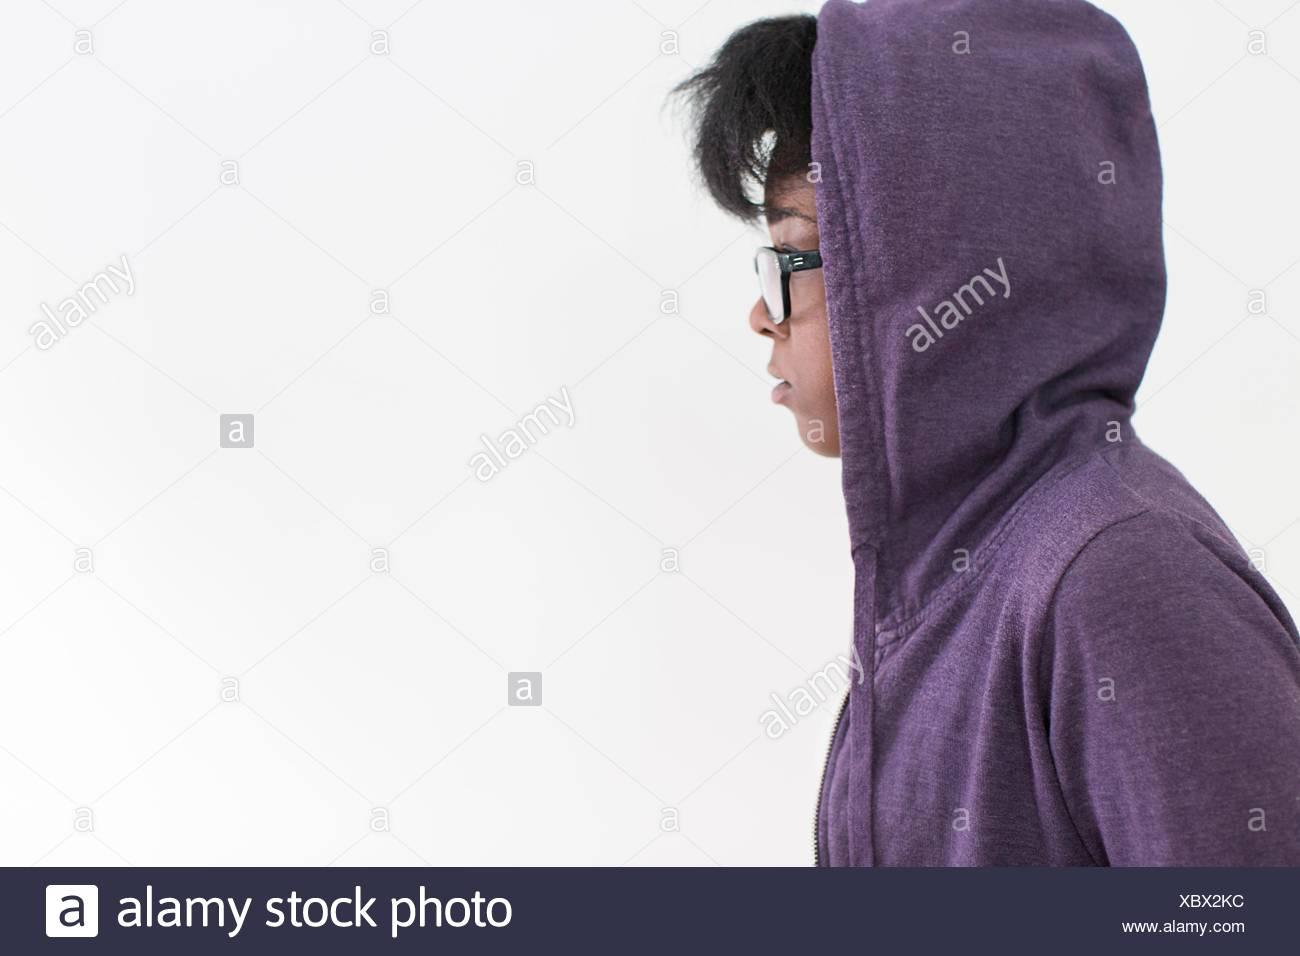 Studio Profile retrato de joven mujer vistiendo hoody Imagen De Stock